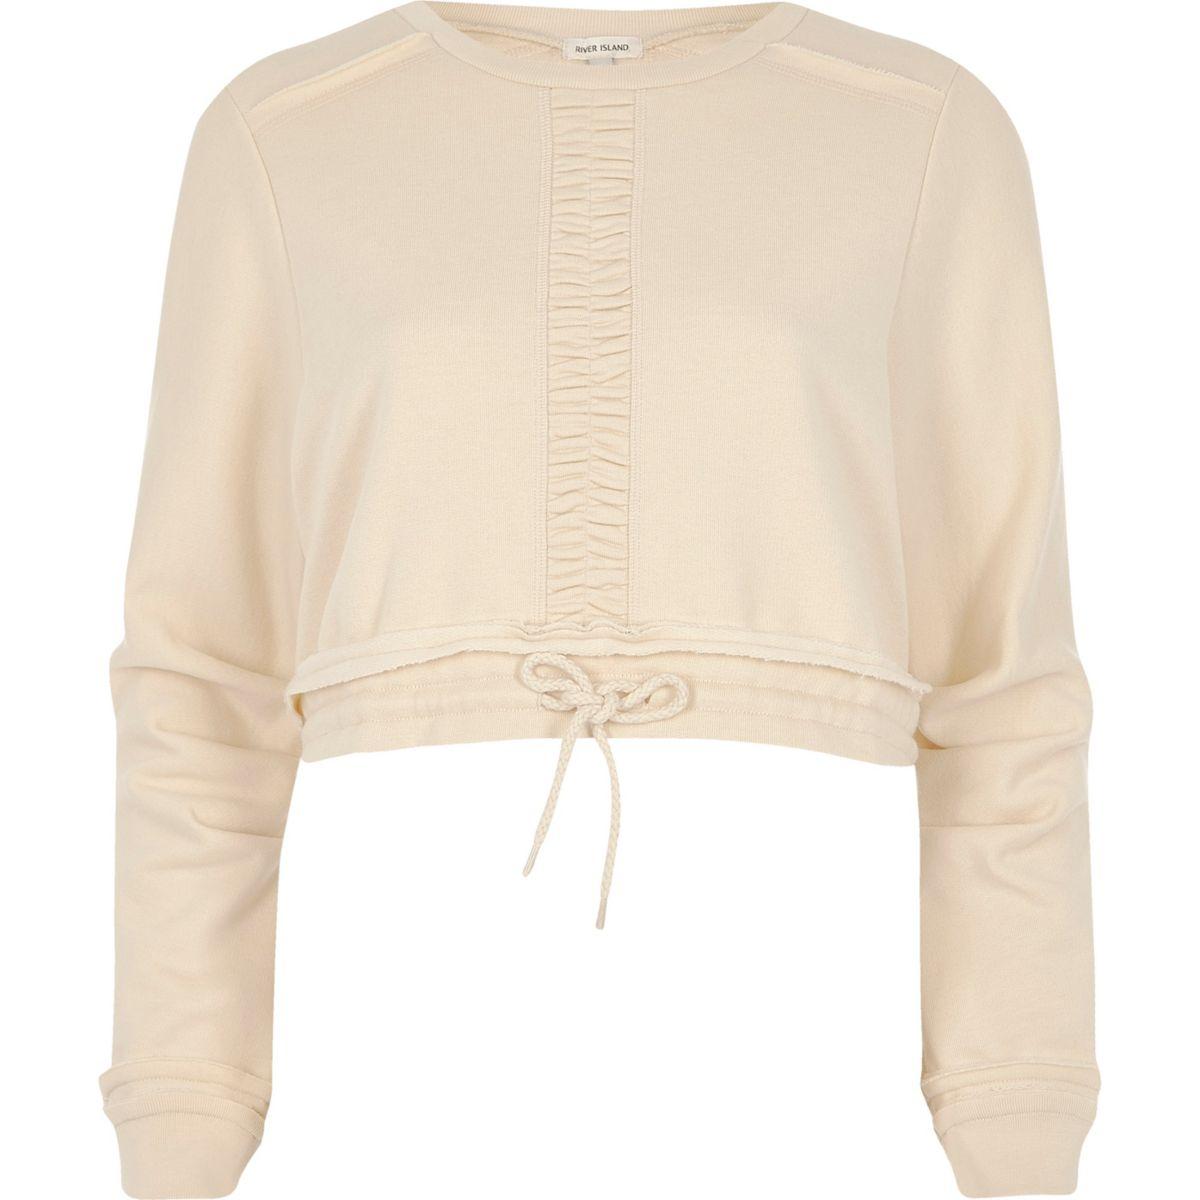 Light beige ruched cropped sweatshirt